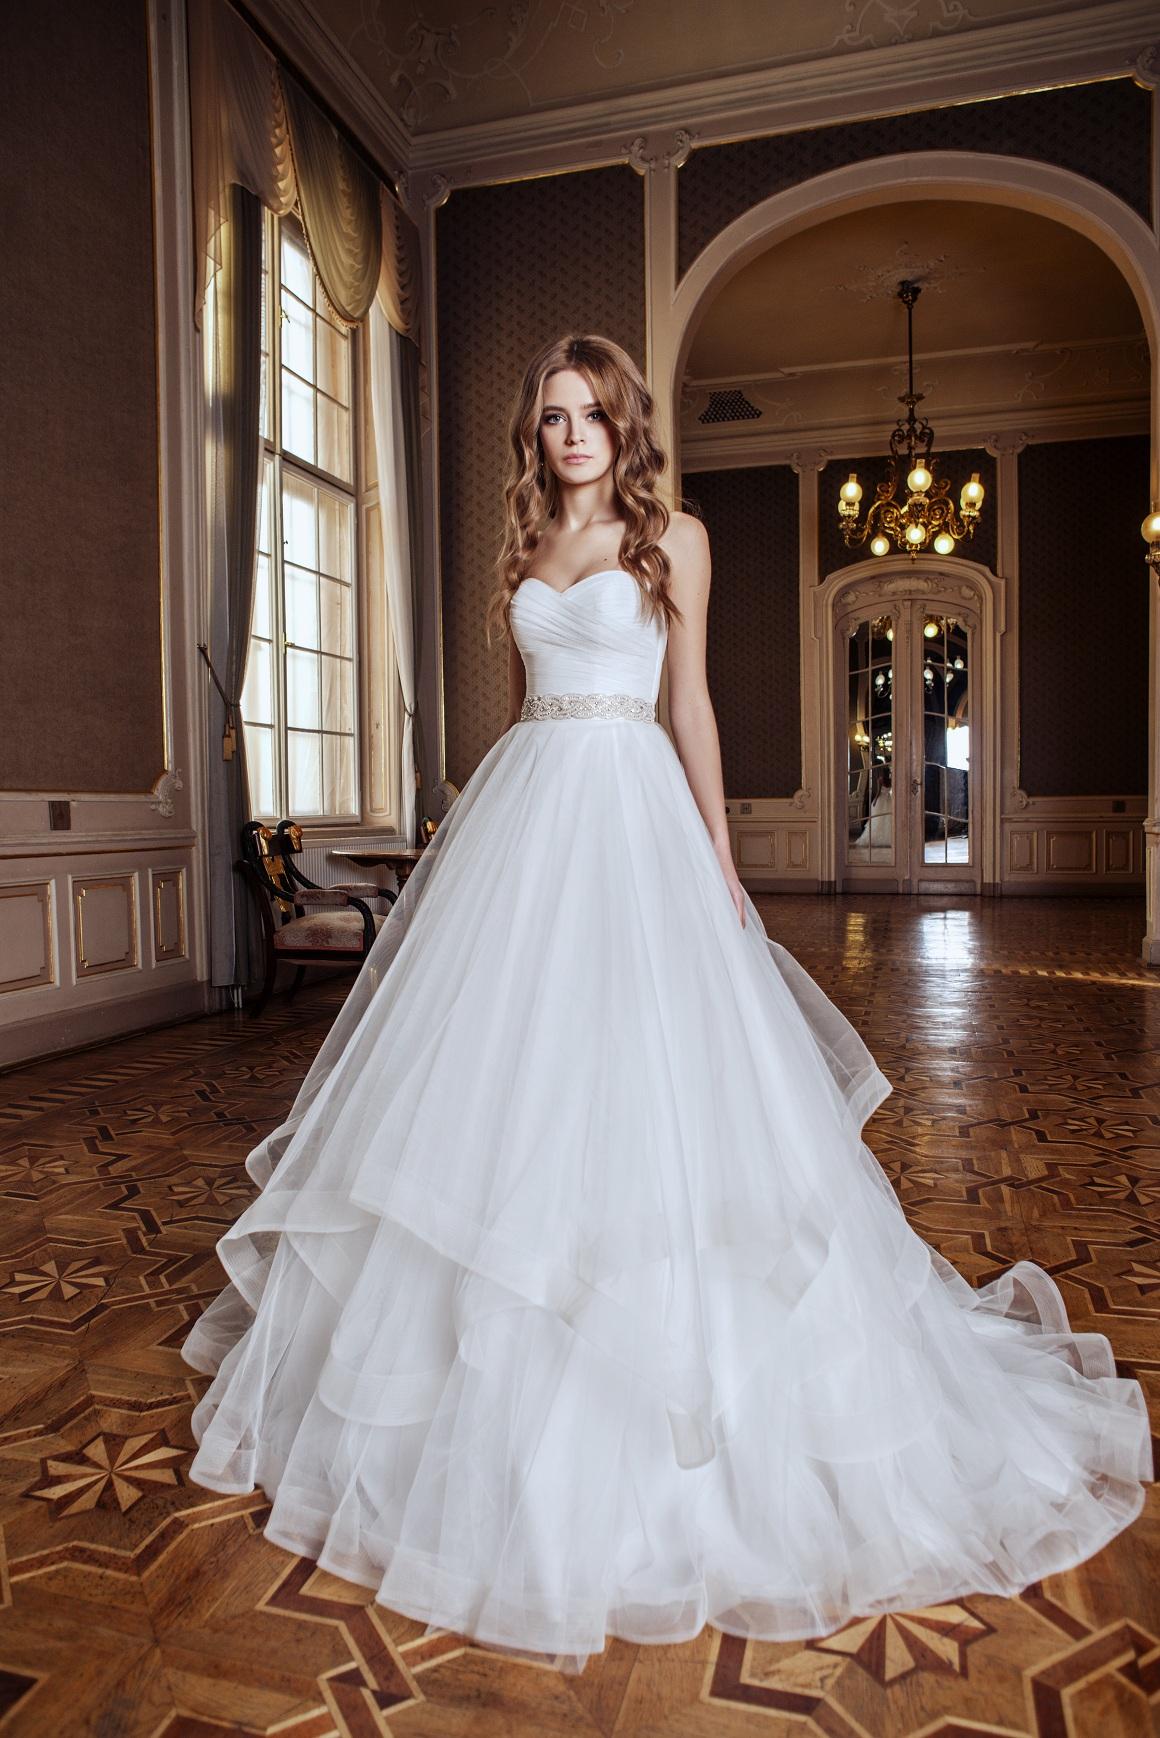 написание салон свадебных платьев с картинками люди американского штата